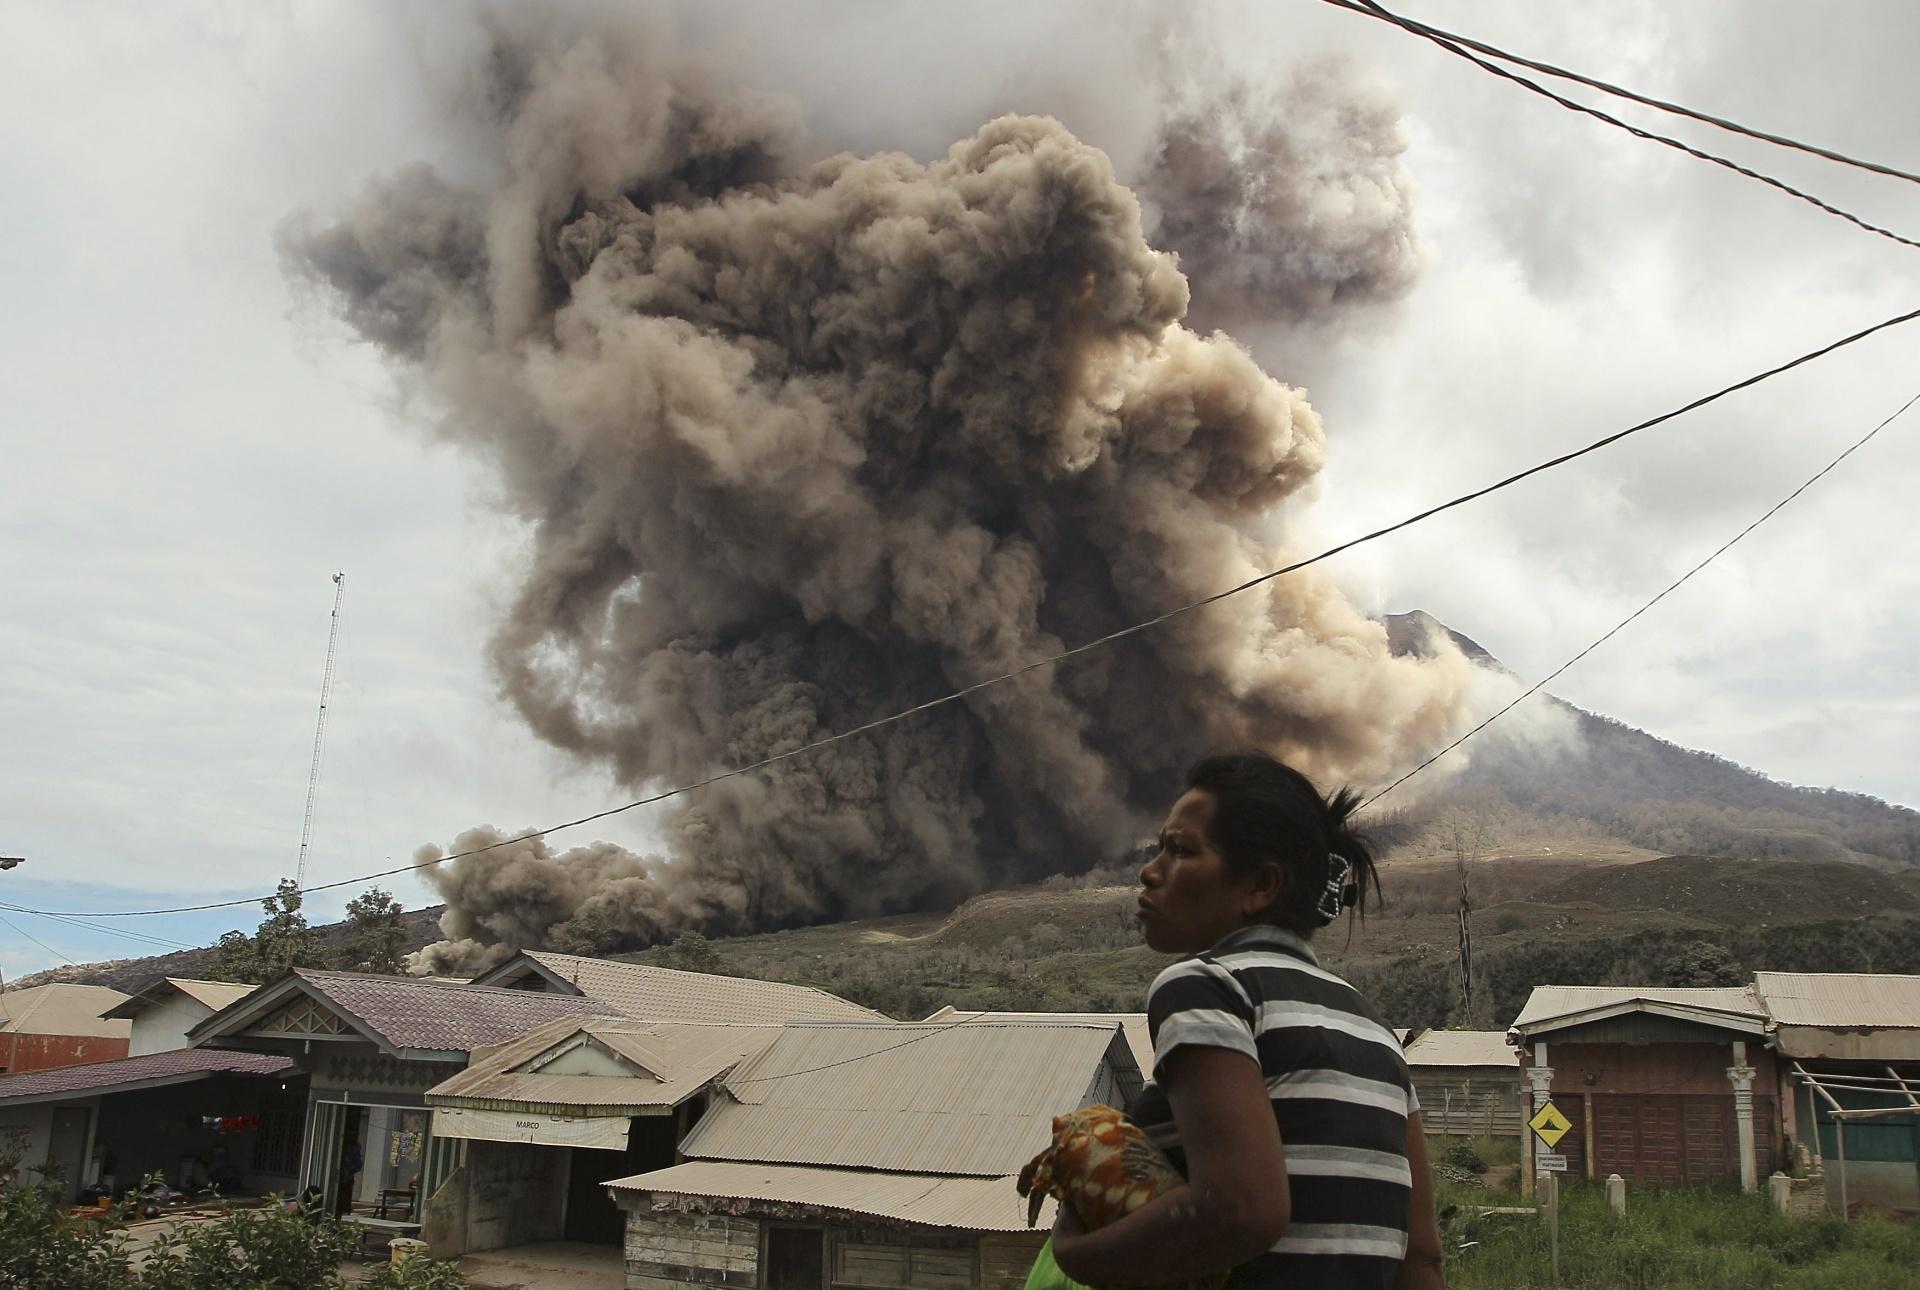 16.jun.2015 - Moradora da vila de Sukanalu, no distrito Karo Regency, observa a erupção do vulcão Monte Sinabung, em Sumatra Norte, Indonésia. Mais de 1.200 moradores de vilas foram retirados da área na ilha de Sumatra, segundo um comunicado oficial, mas muitos residentes ainda se recusam a deixar suas casas